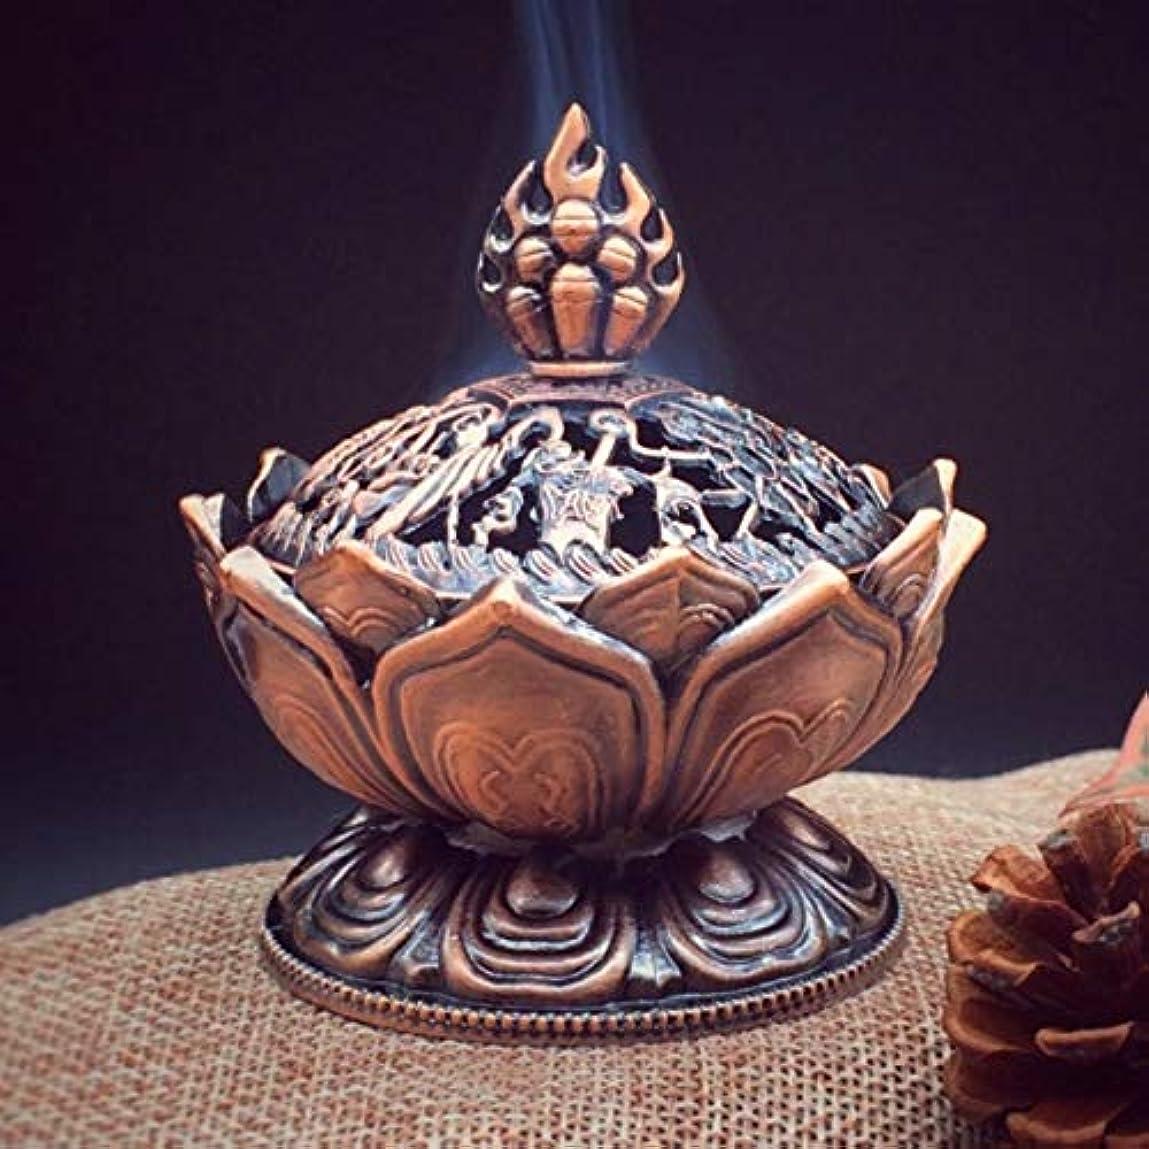 愛建築家人柄Holy Tibetan Lotus Designed Incense Burner Zinc Alloy Bronze Mini Incense Burner Incensory Metal Craft Home Decor